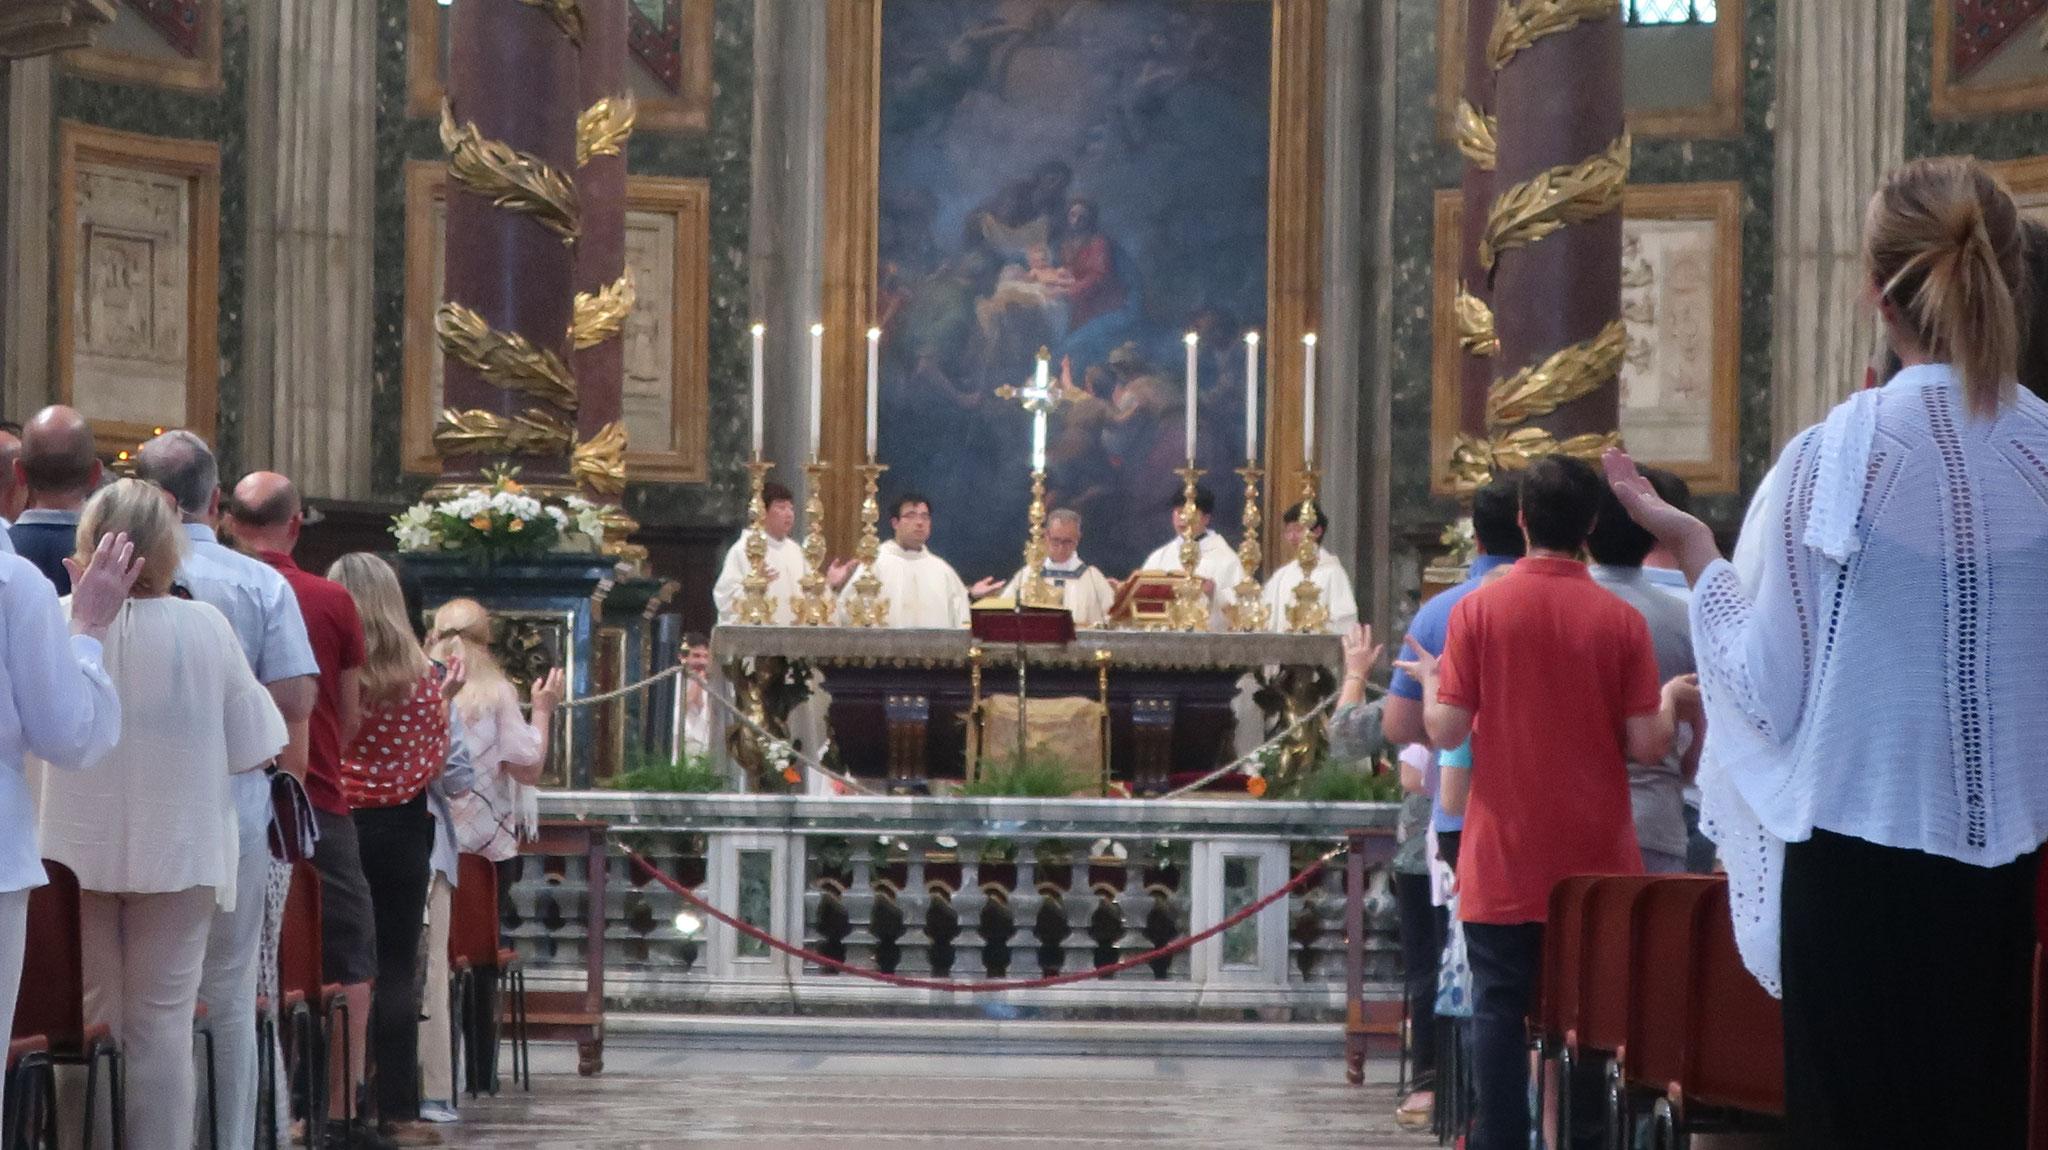 ちょうど、聖母の被昇天(聖母マリアが亡くなって天国に召された)を祝うミサ(8月15日)の最中でした。